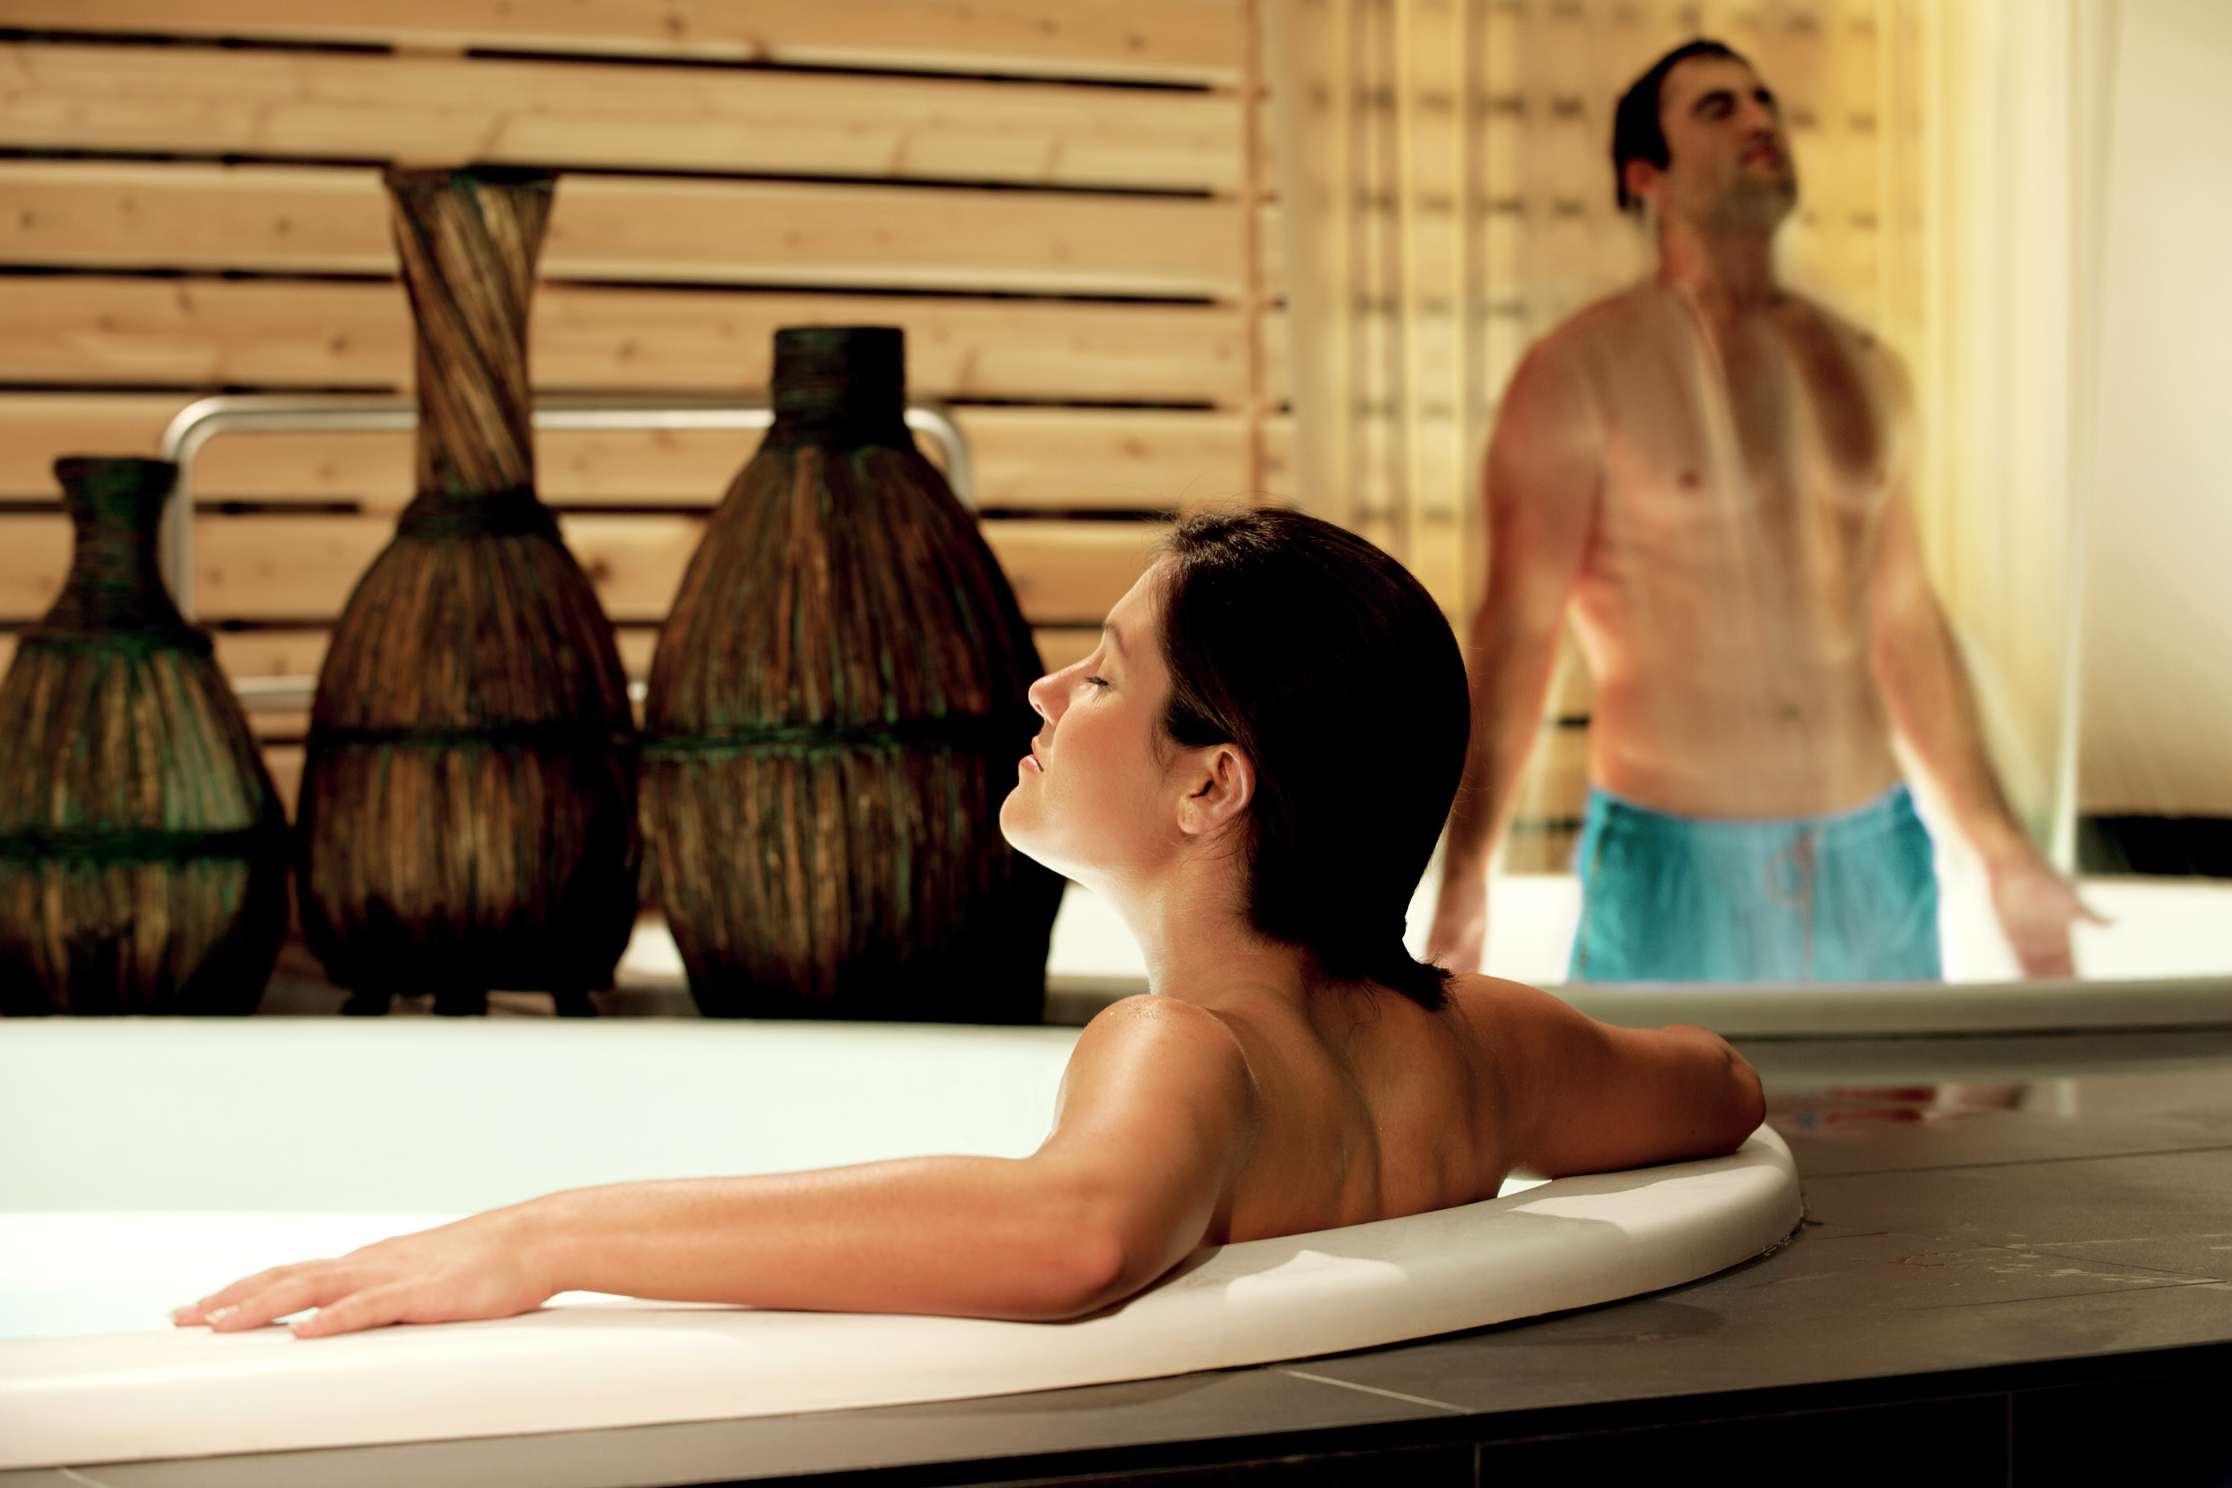 Aquatic spa treatments at Spa Escale Santé